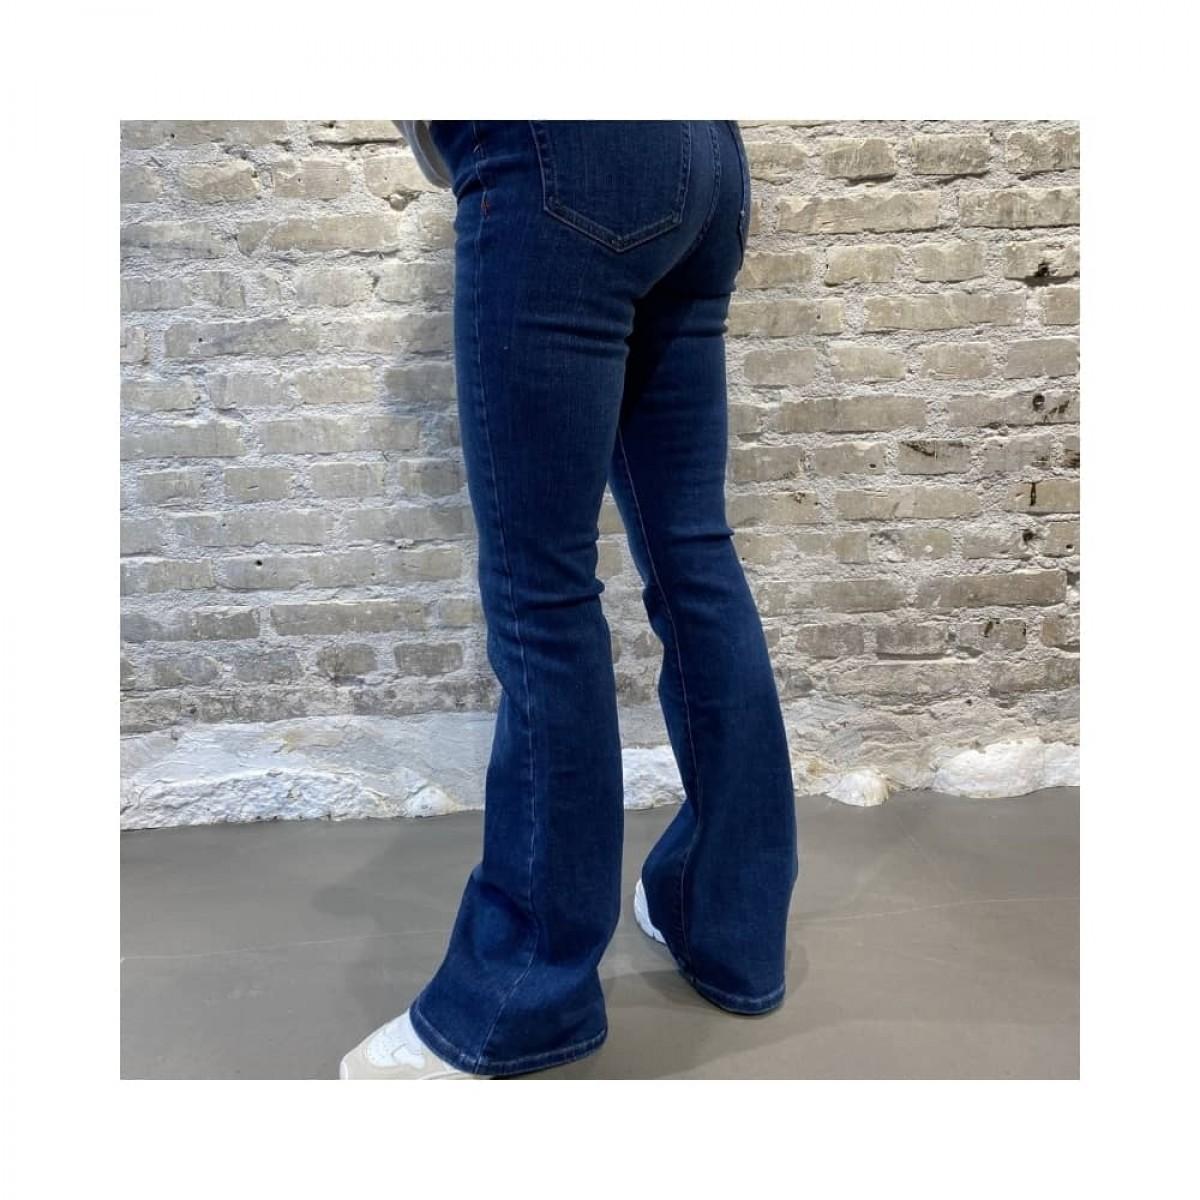 albert flare jeans - denim blue - model bag